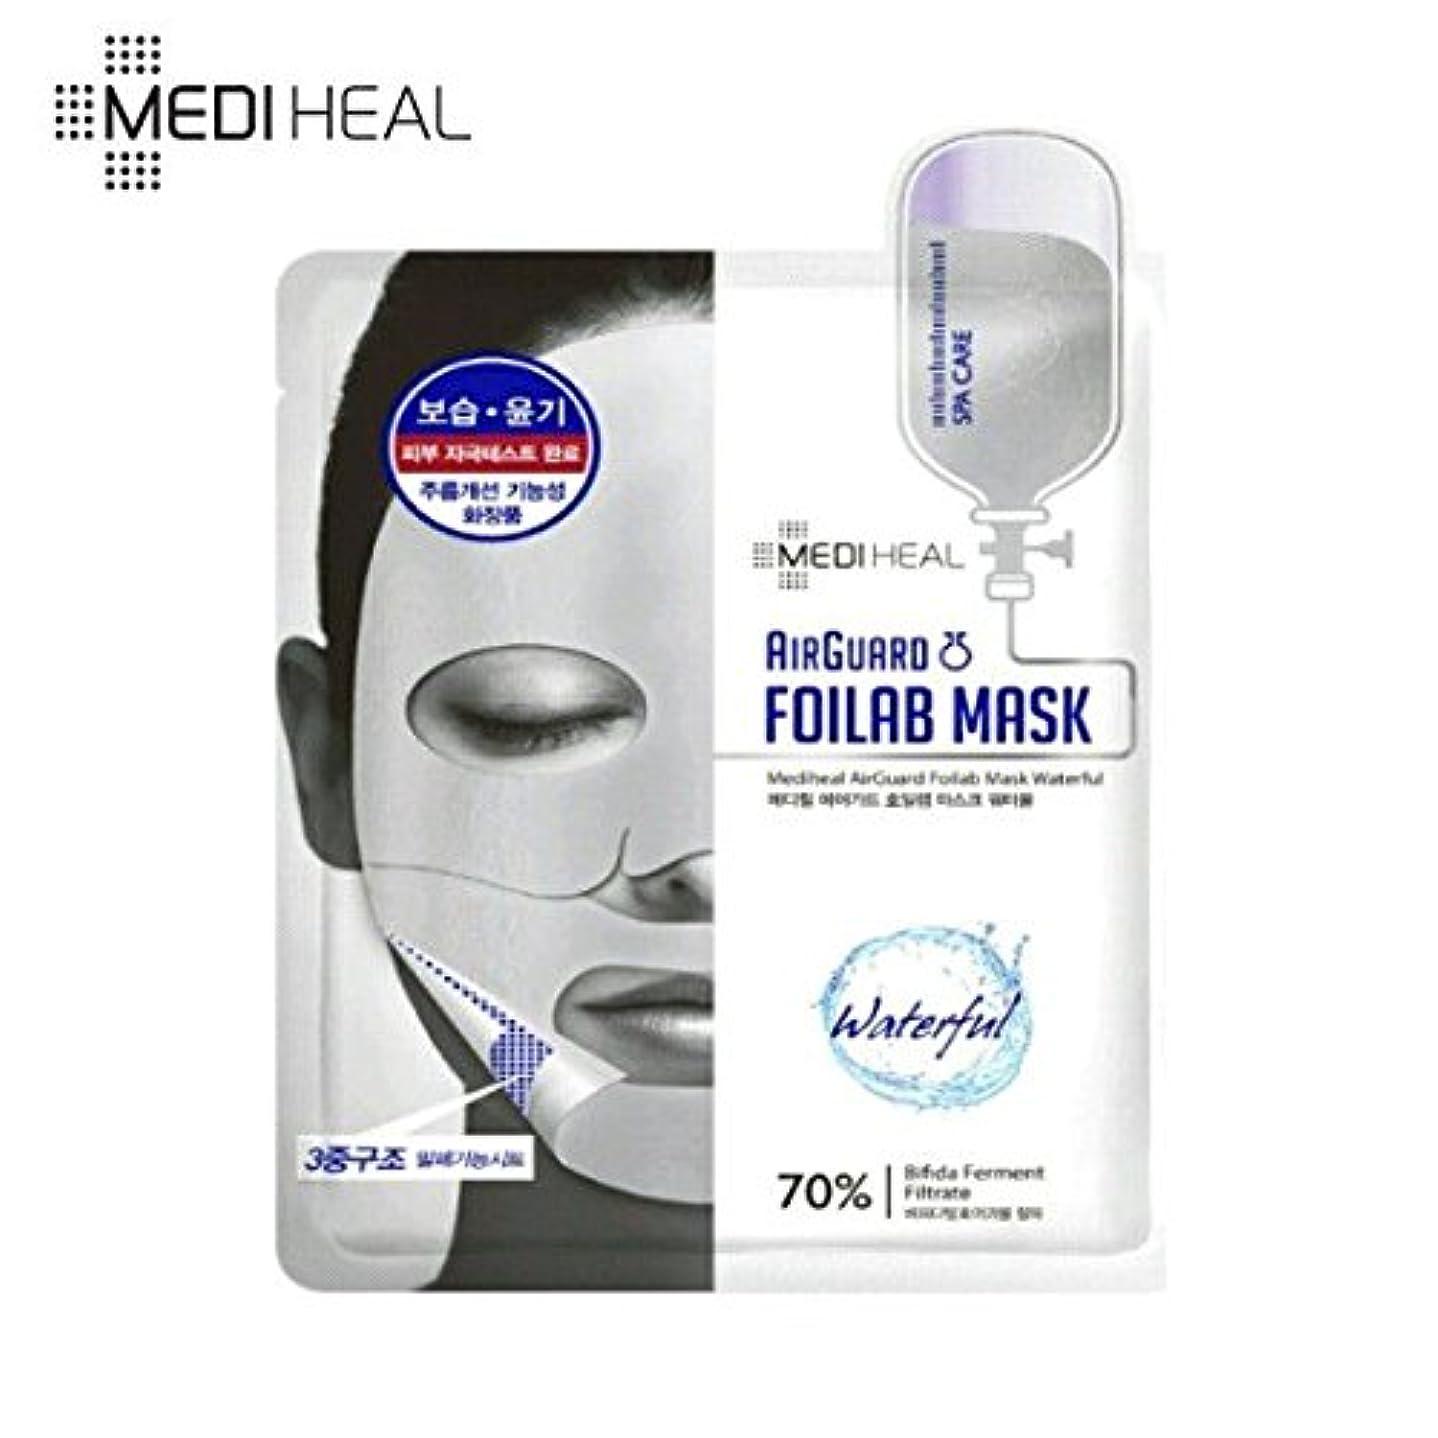 ラボ低い血MEDIHEAL/メディヒール/air guard foillab mask waterful/エアーガードフォイルマスク ウォーターフル/韓国/韓国コスメ/保湿/乾燥